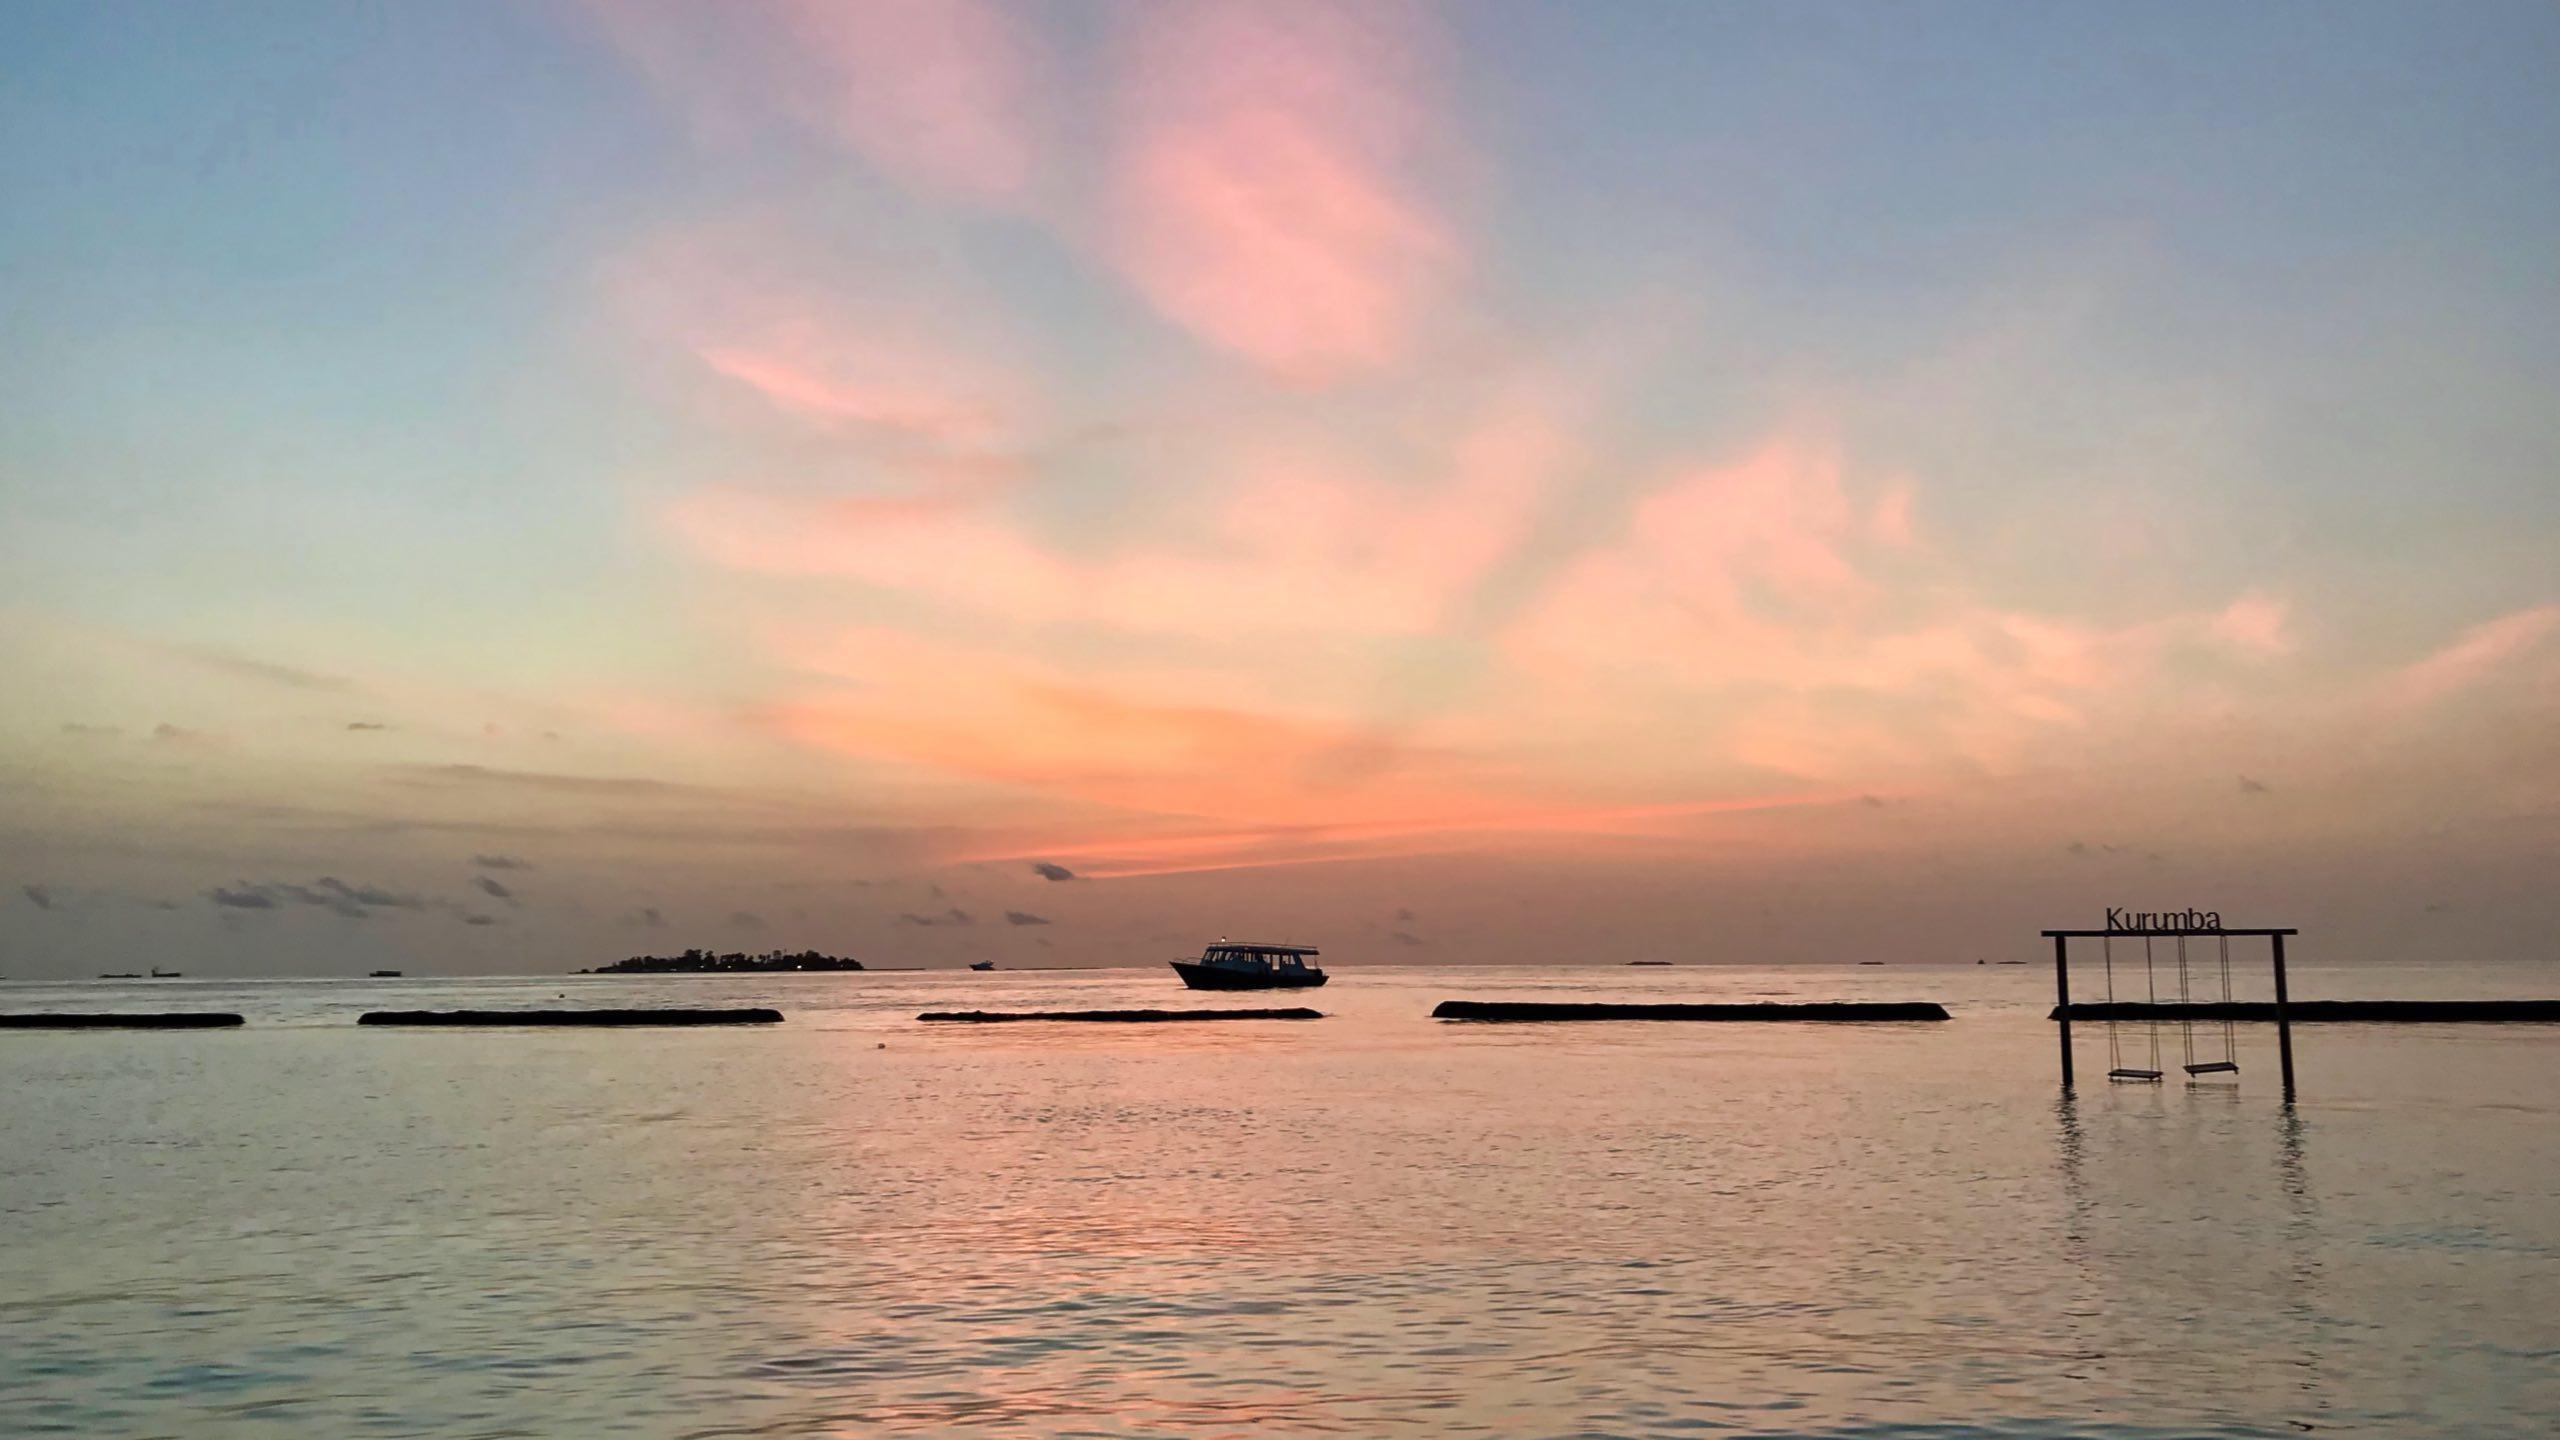 Wenn die Sonne abends im Ozean versinkt malt der Himmel die schönsten Bilder.